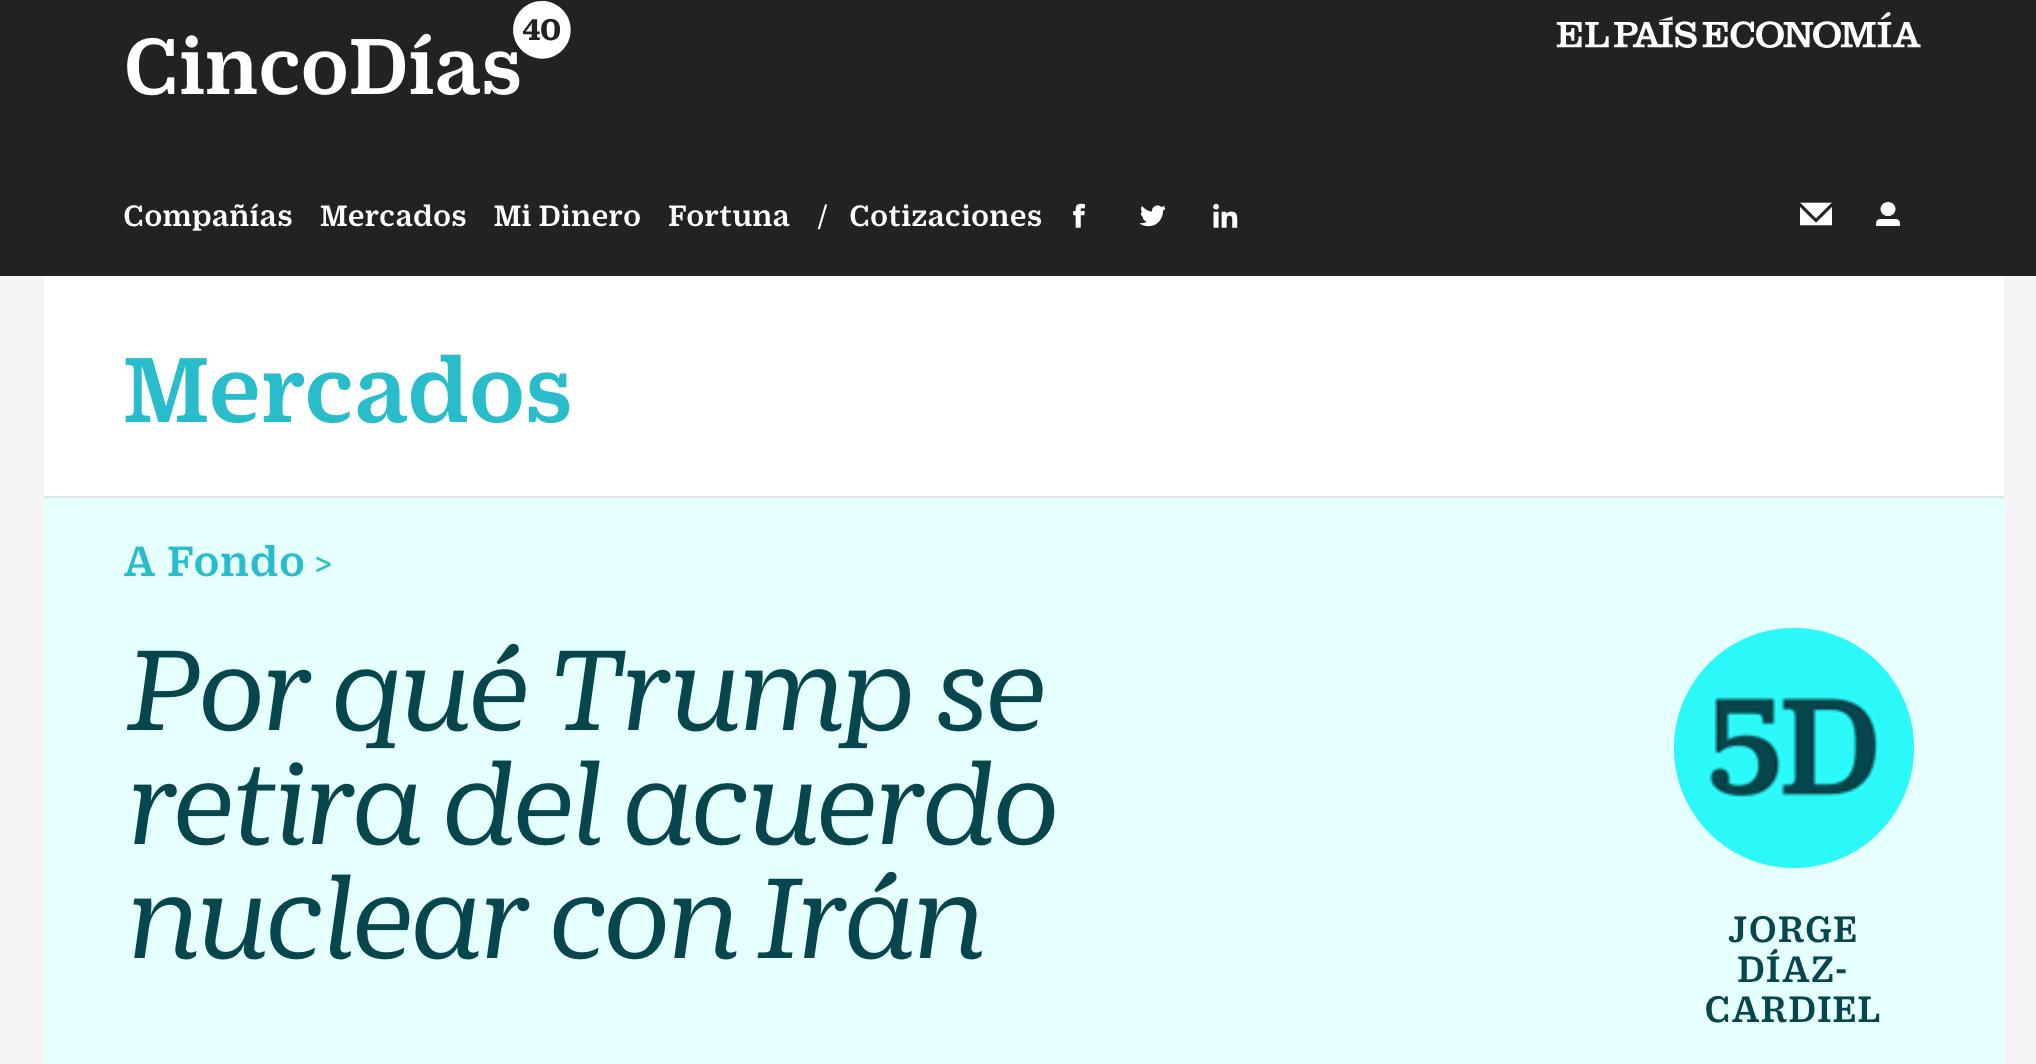 Article by Jorge Díaz-Cardiel in Cinco Días – El País Economía